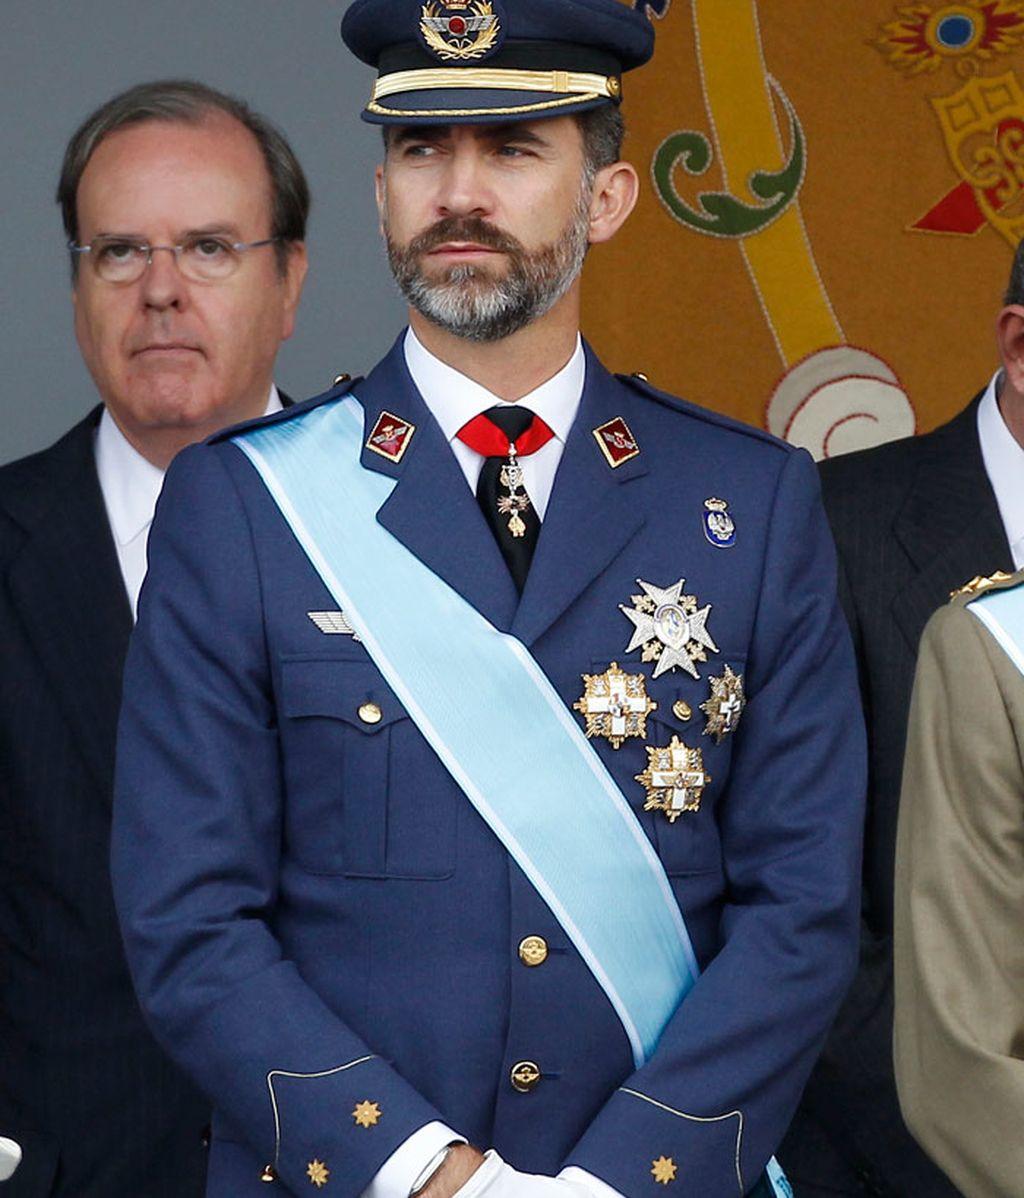 El principe Felipe durante el desfile